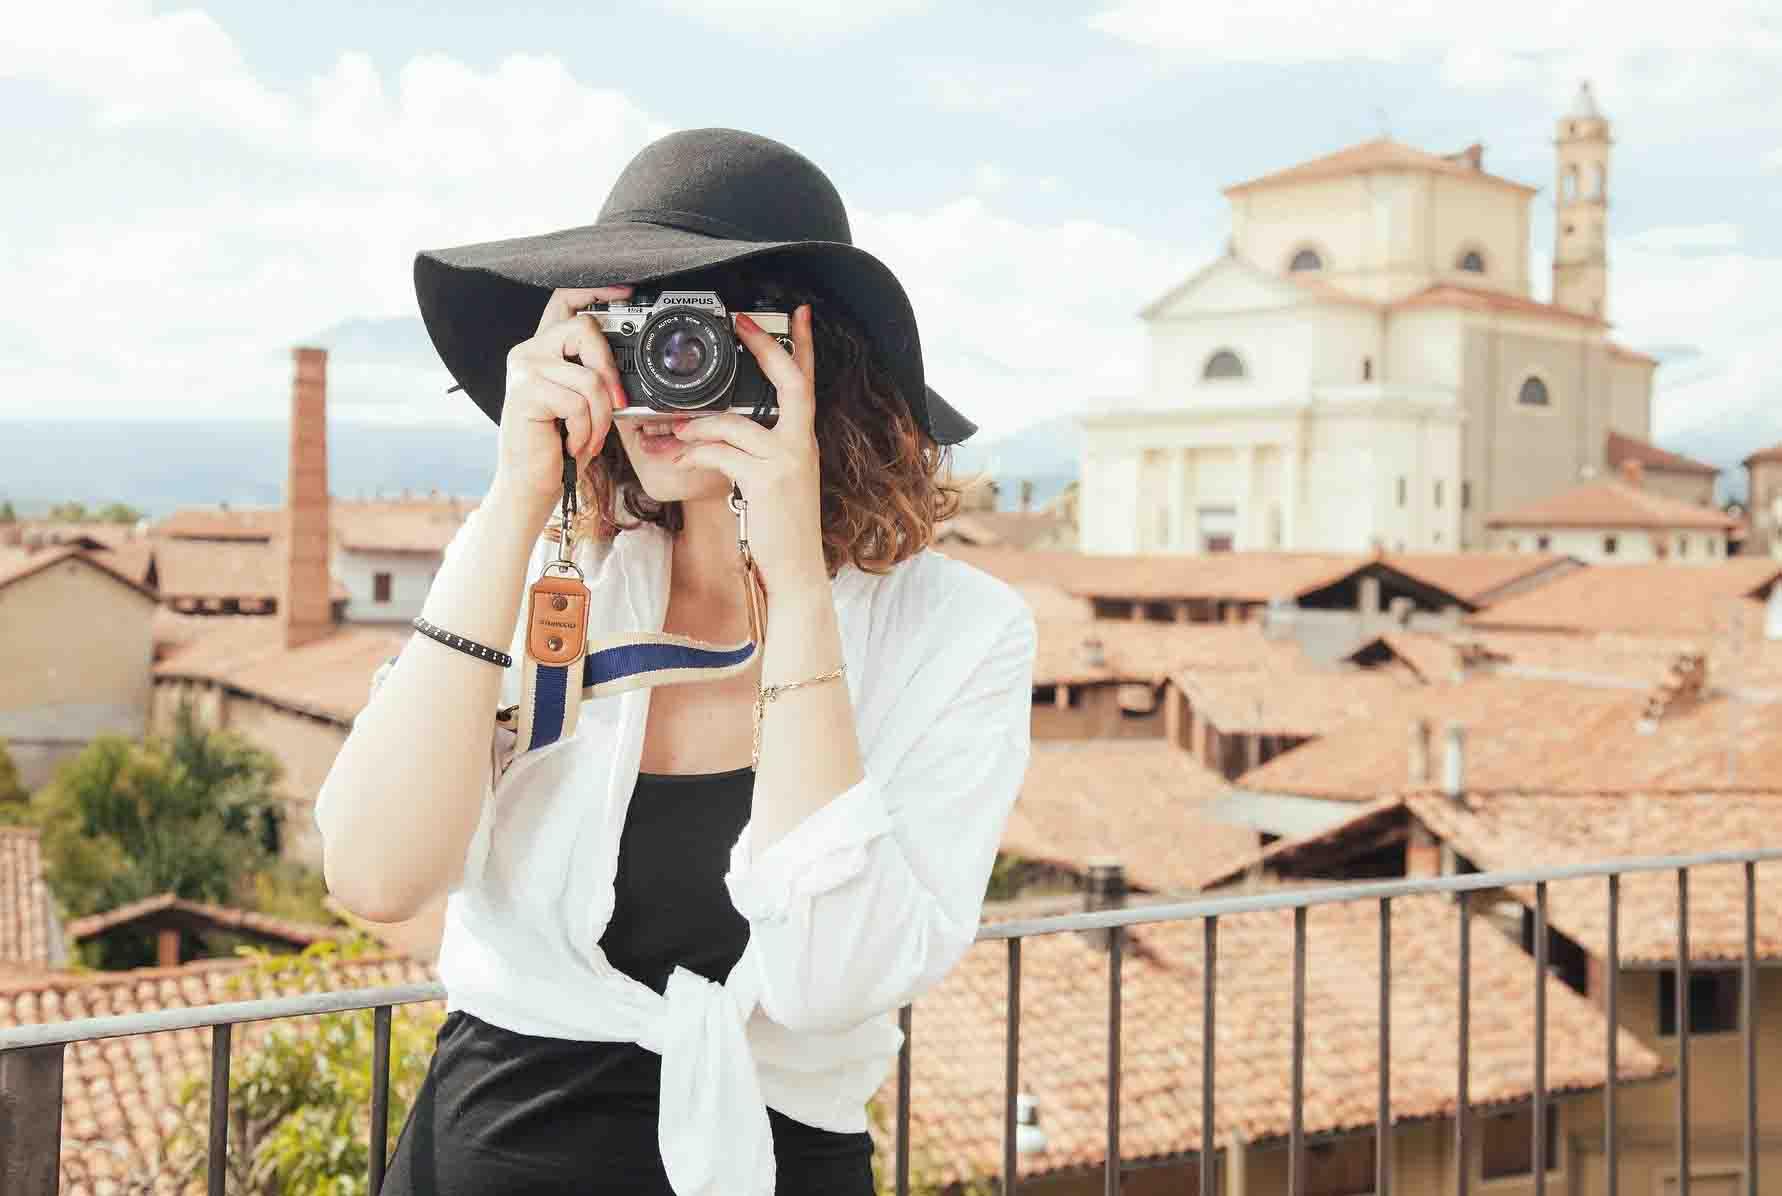 more travel helps understanding diverse cultures